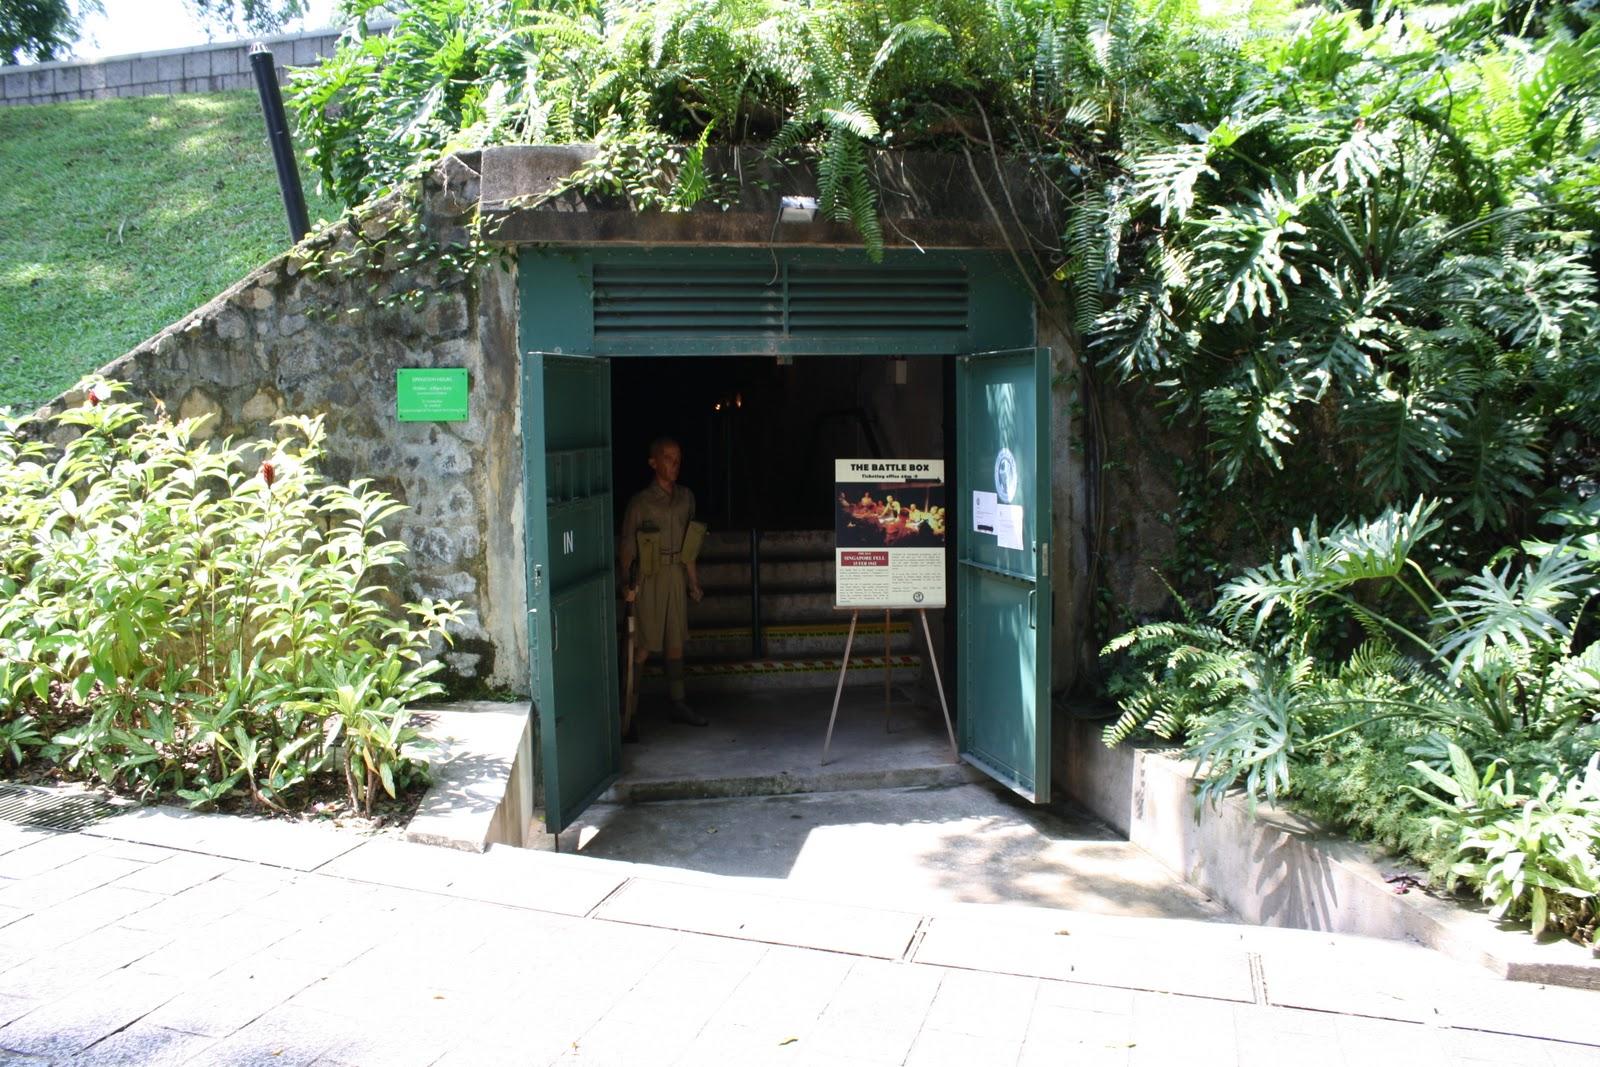 Box Culvert Underground Shelter Bunker Box Free Engine